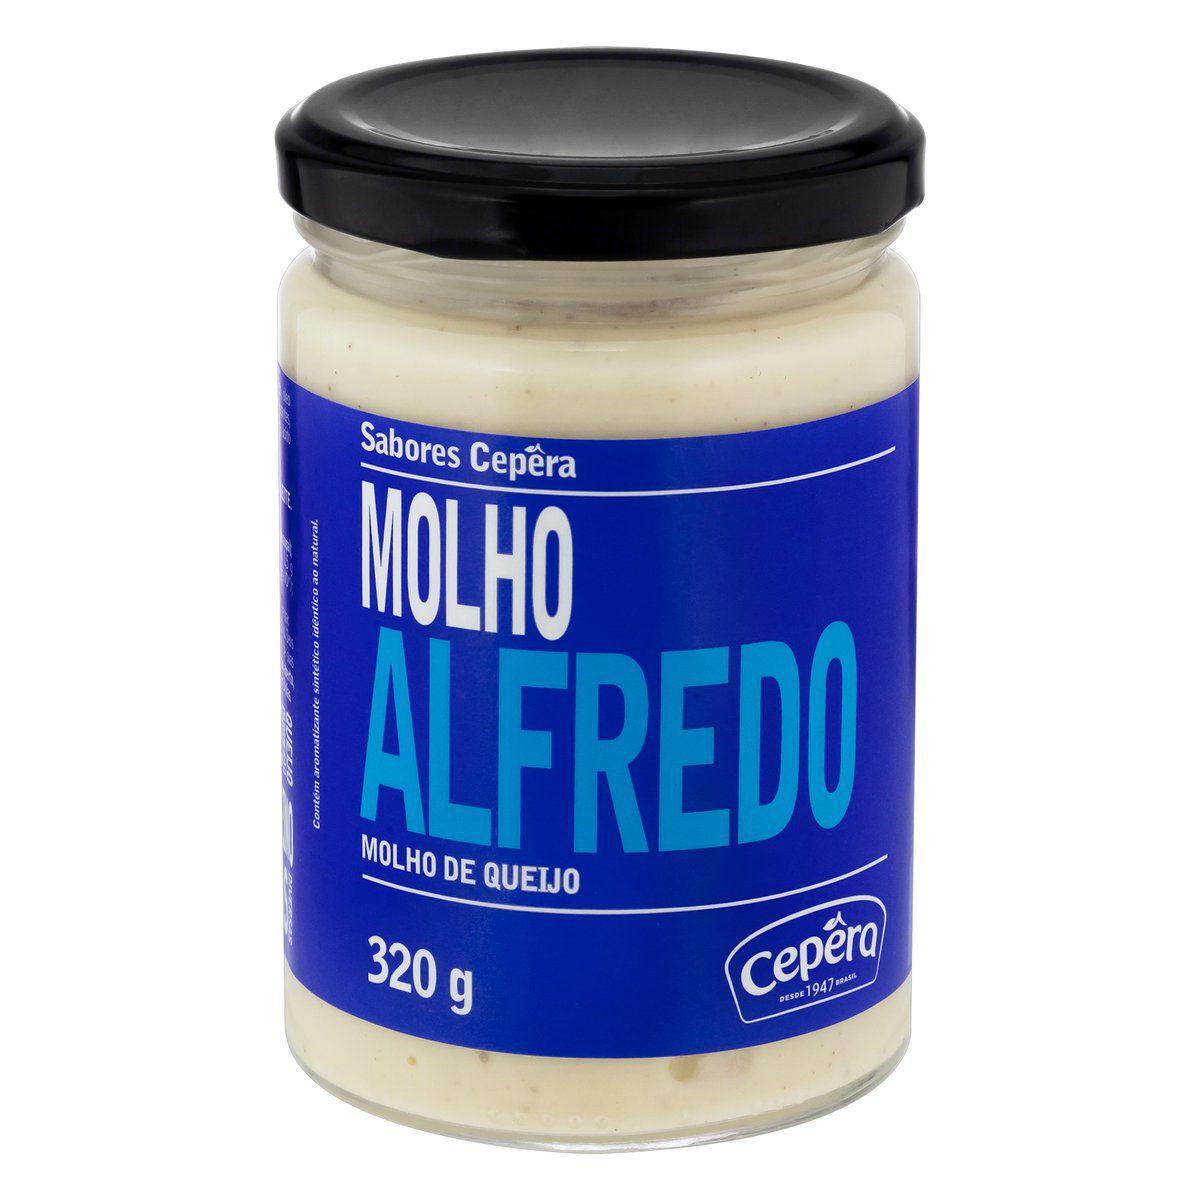 Molho Alfredo